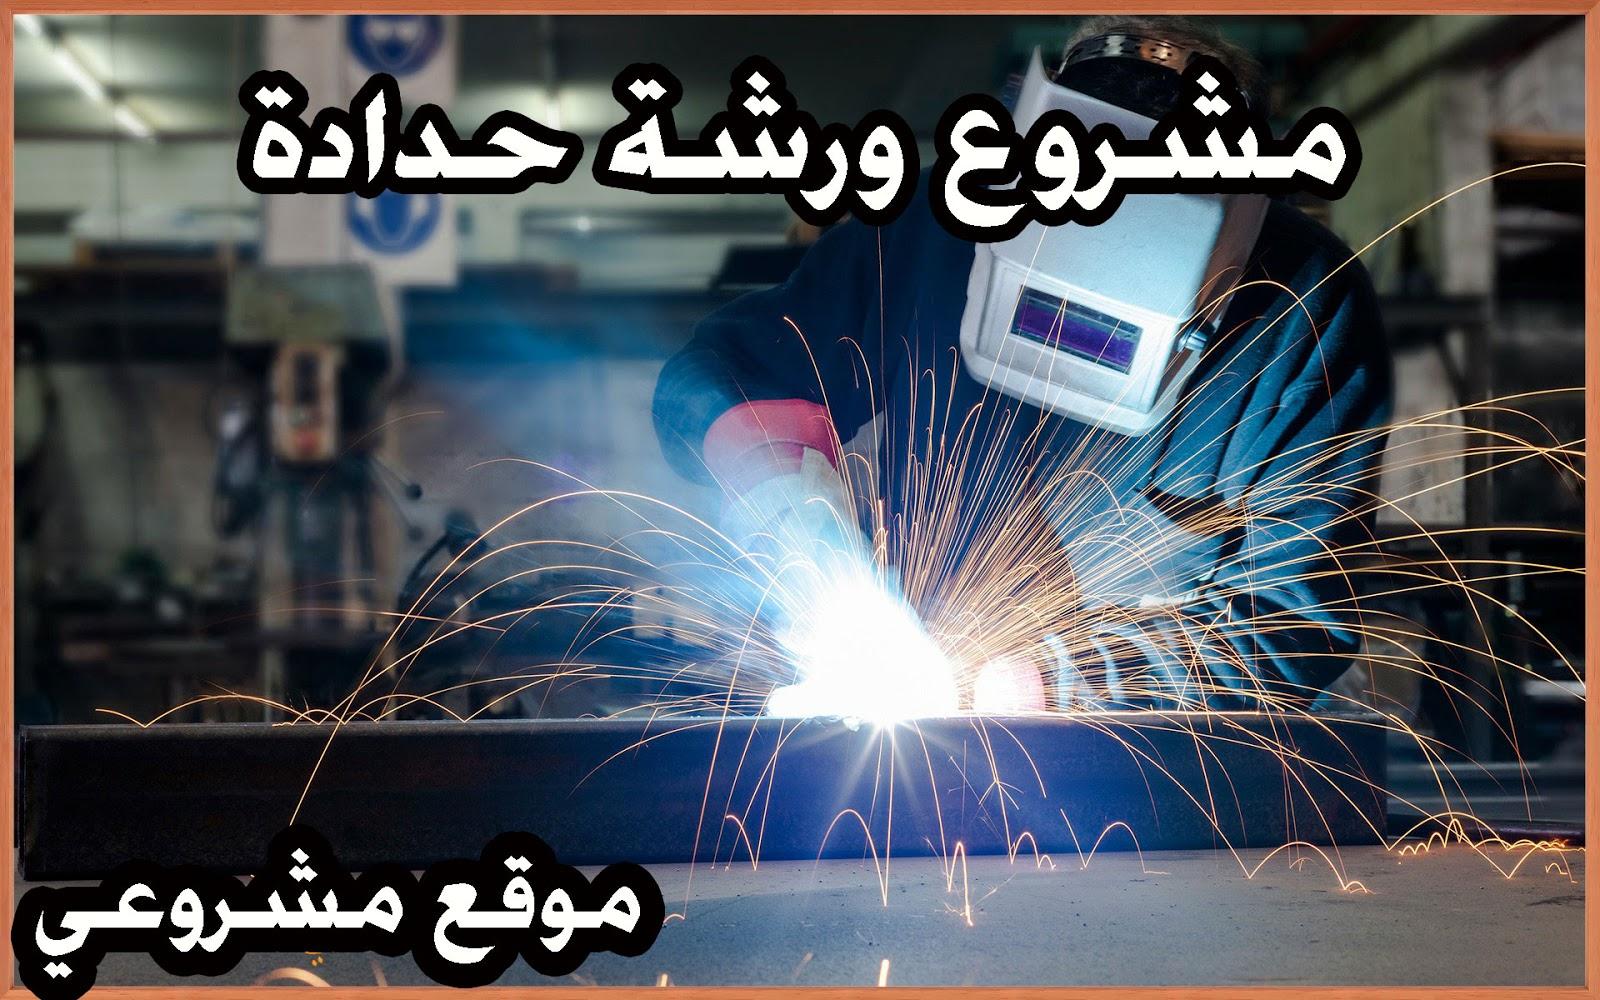 دراسه جدوي فكرة مشروع ورشة حدادة في مصر 2020